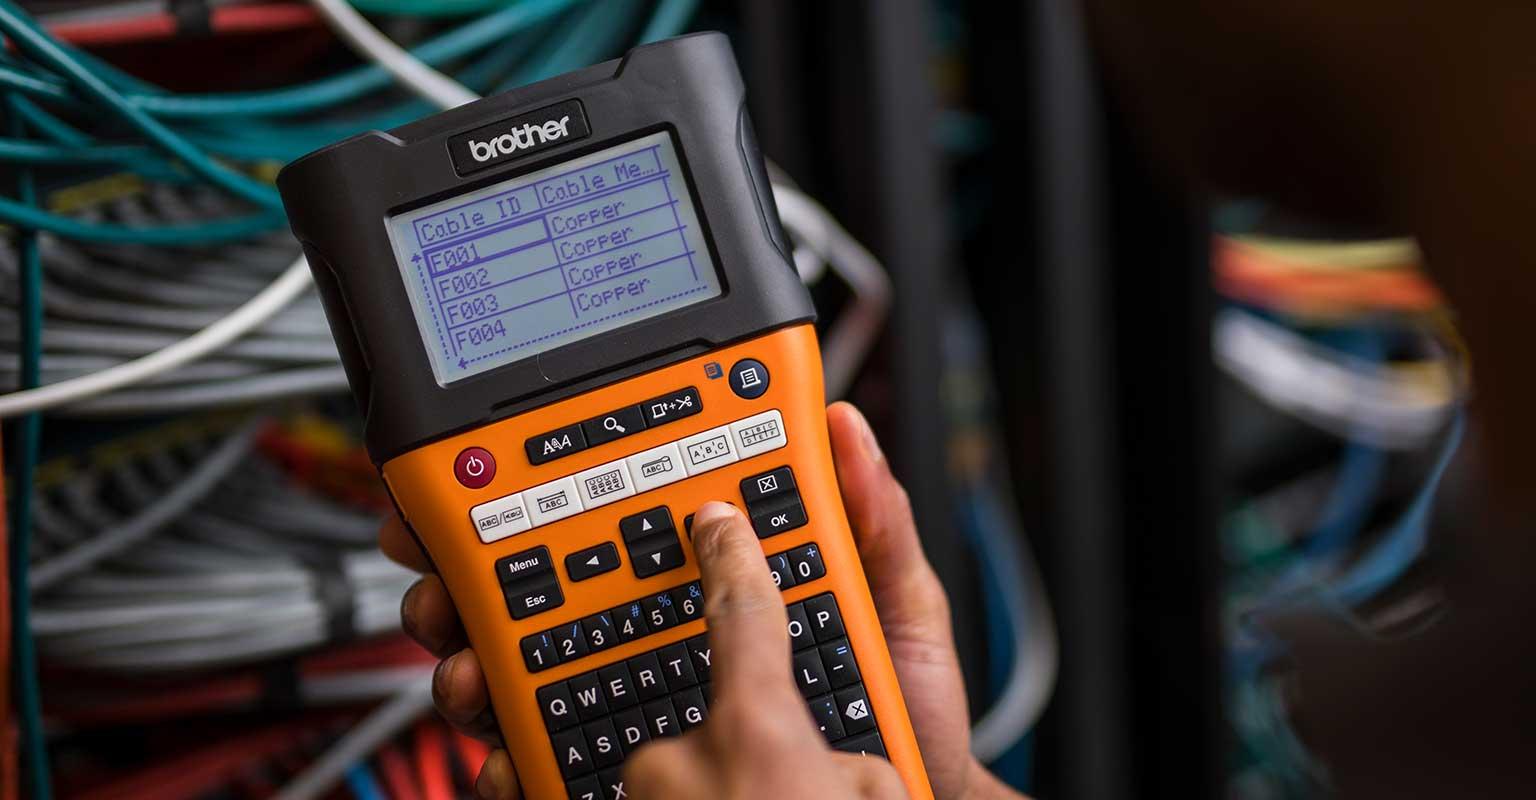 PT-E550W-Etikettendrucker mit Netzwerkkabel-IDs zum Drucken ausgewählt